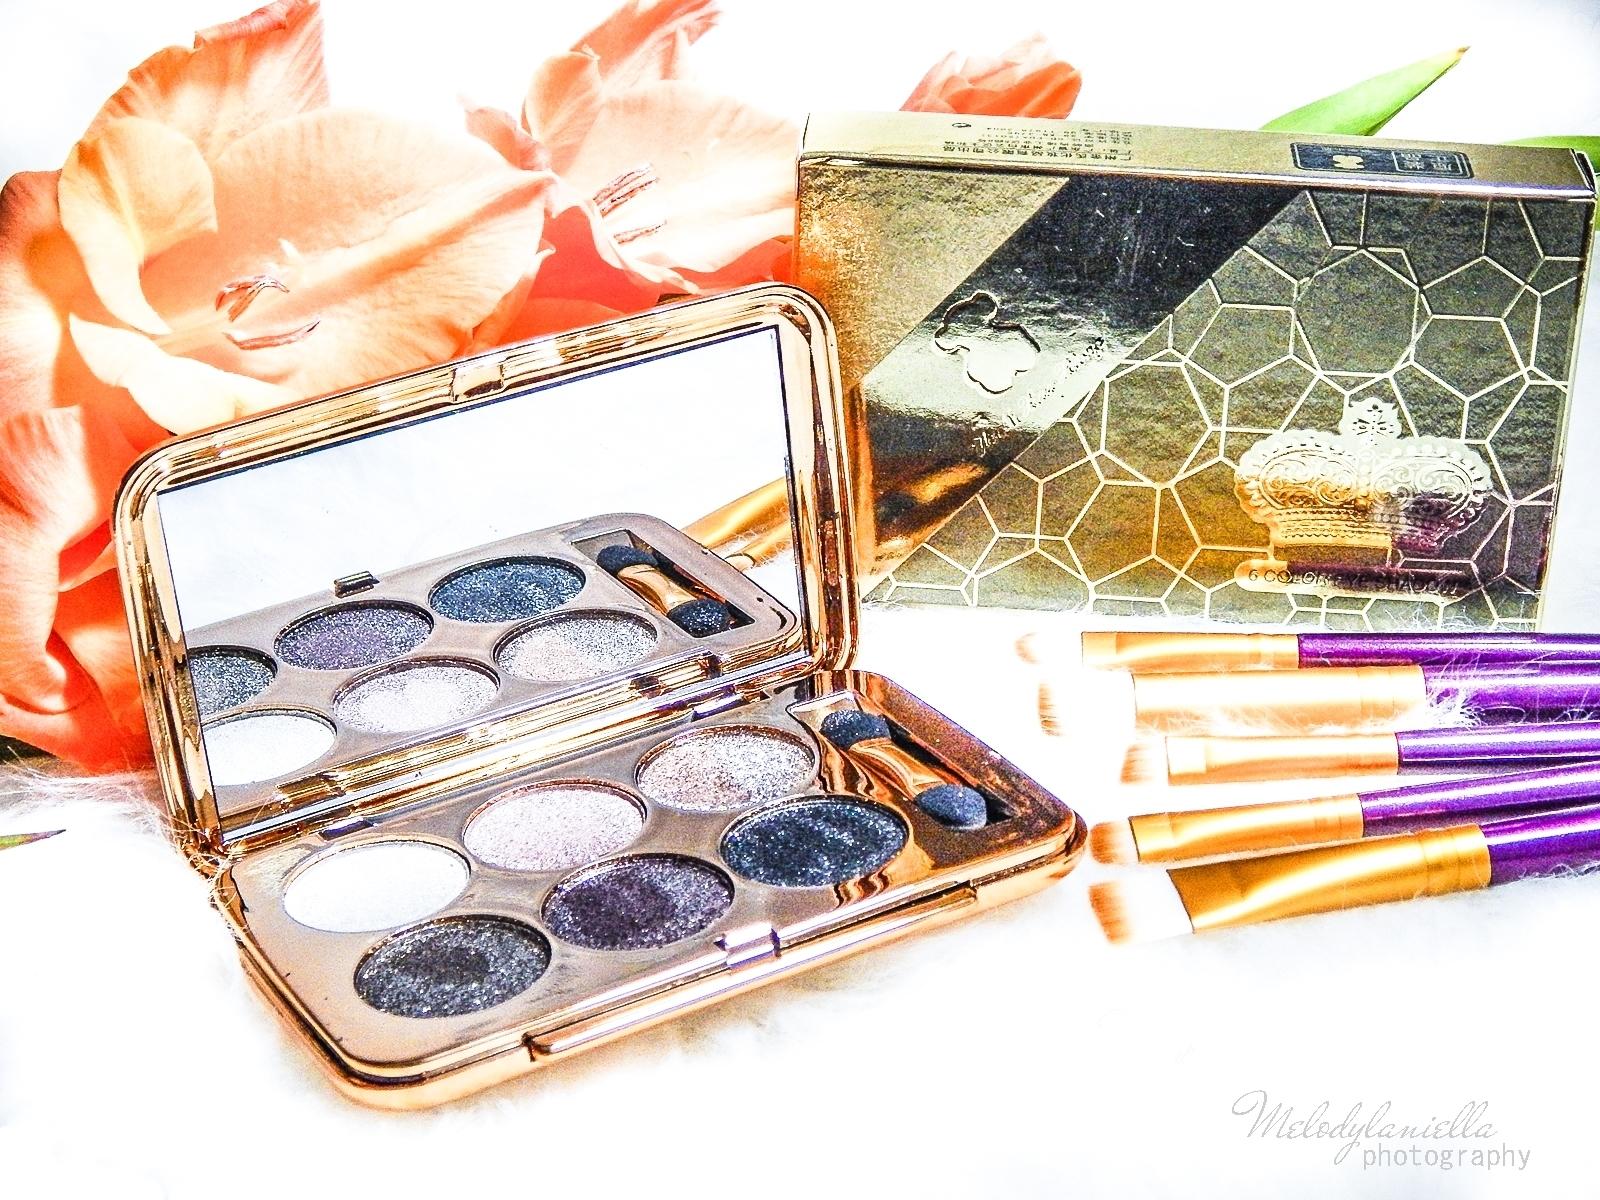 5 azjatyckie chińskie kosmetyki recenzja melodylaniella beauty paleta 6 cieni brokatowe cienie do powiek sammydress cienie do powiek ze złotem i brokatem na karnawał na sylwestra makeup